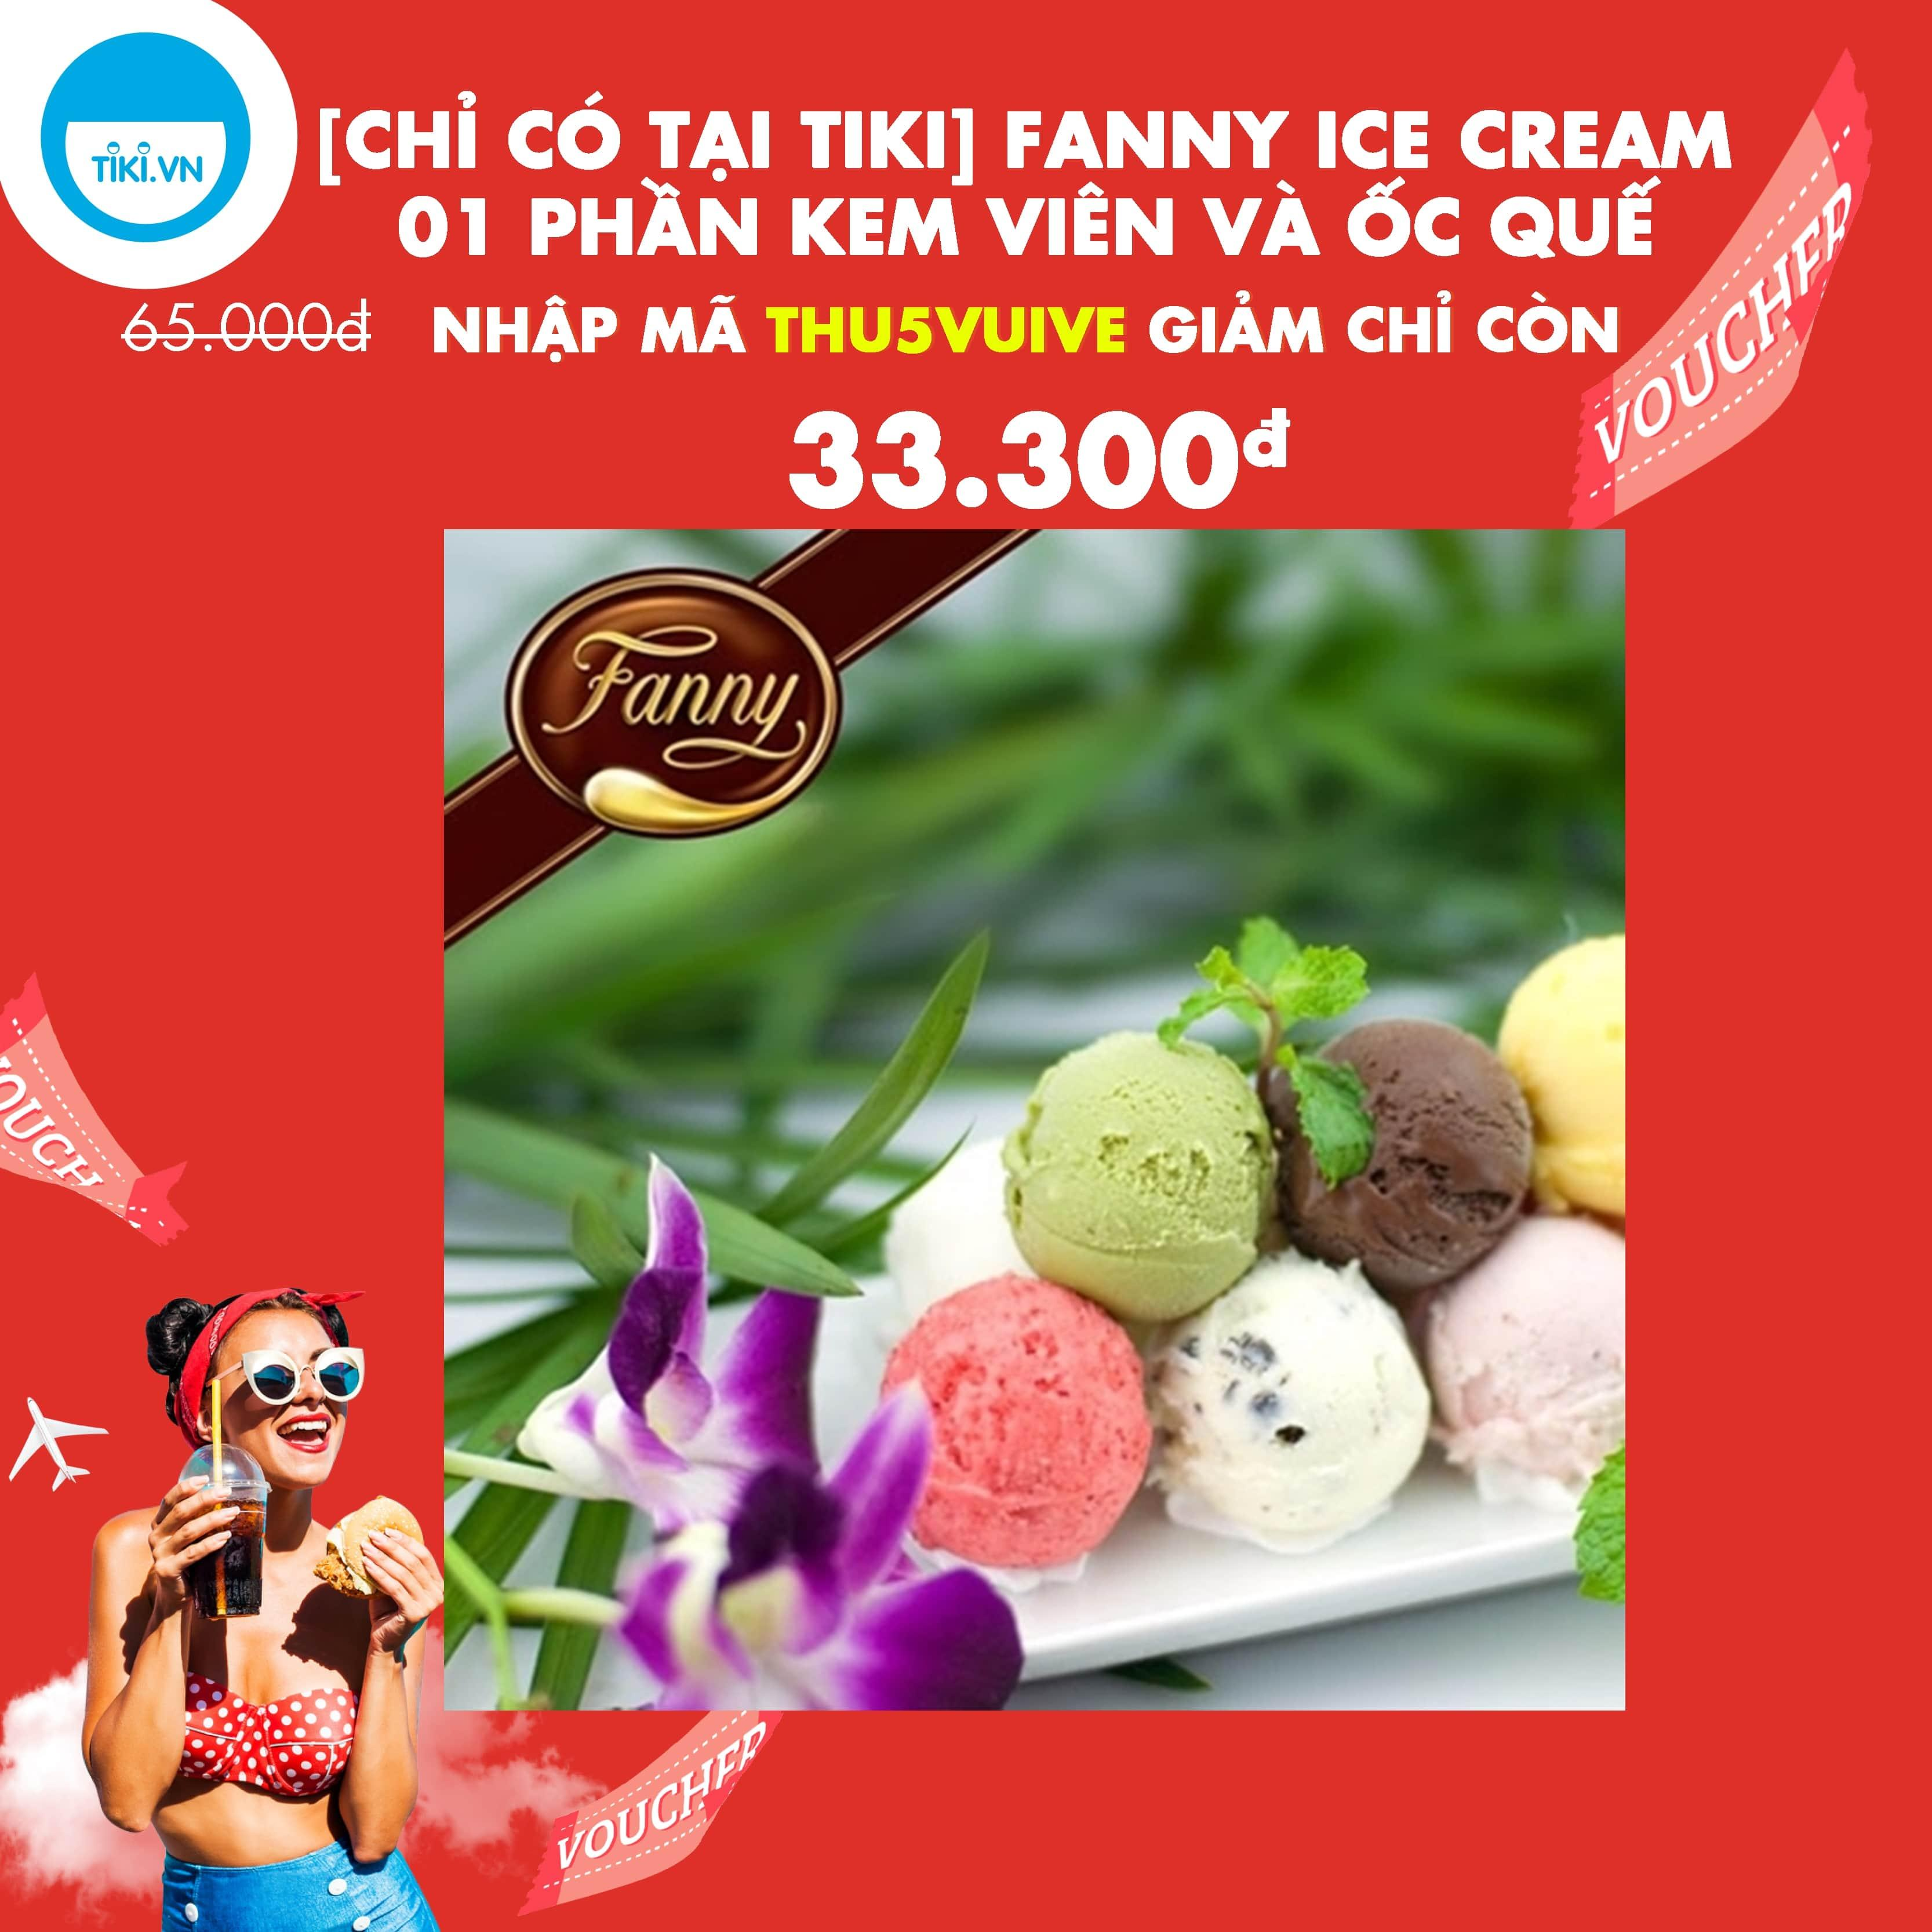 Fanny Ice Cream - Voucher 01 Phần kem viên và ốc quế trị giá 65k, Áp Dụng 10 Chi Nhánh